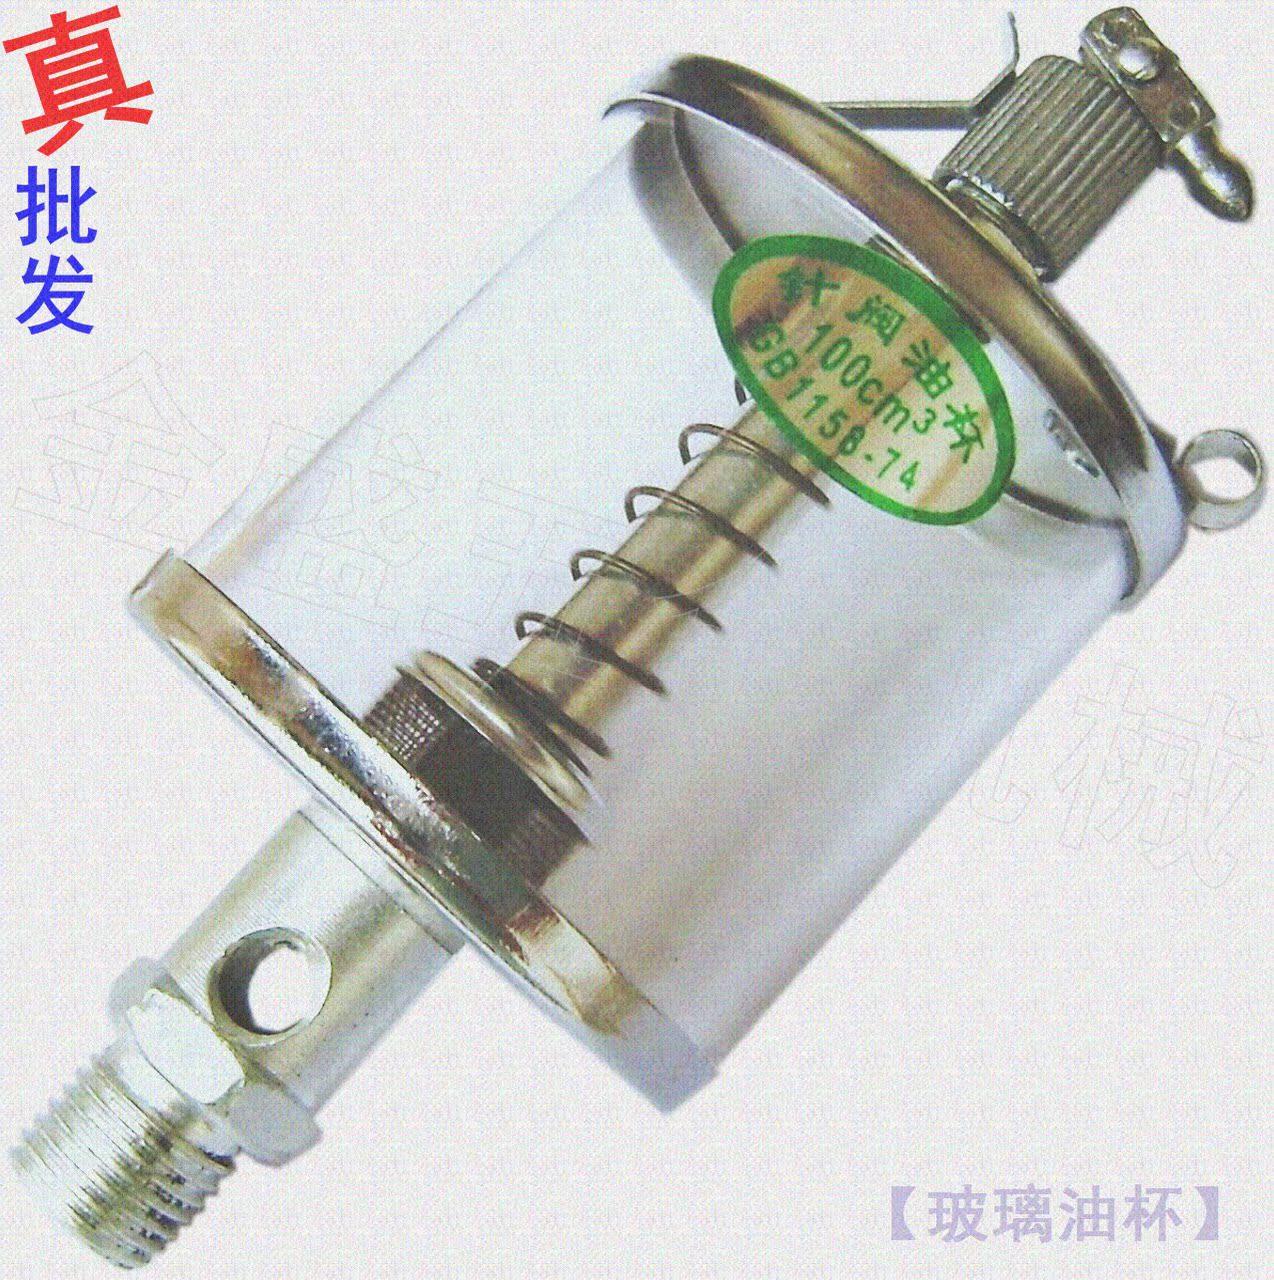 针阀式油杯玻璃油杯机油油杯油杯/16cm25cm50cm100cm200cm400cm图片